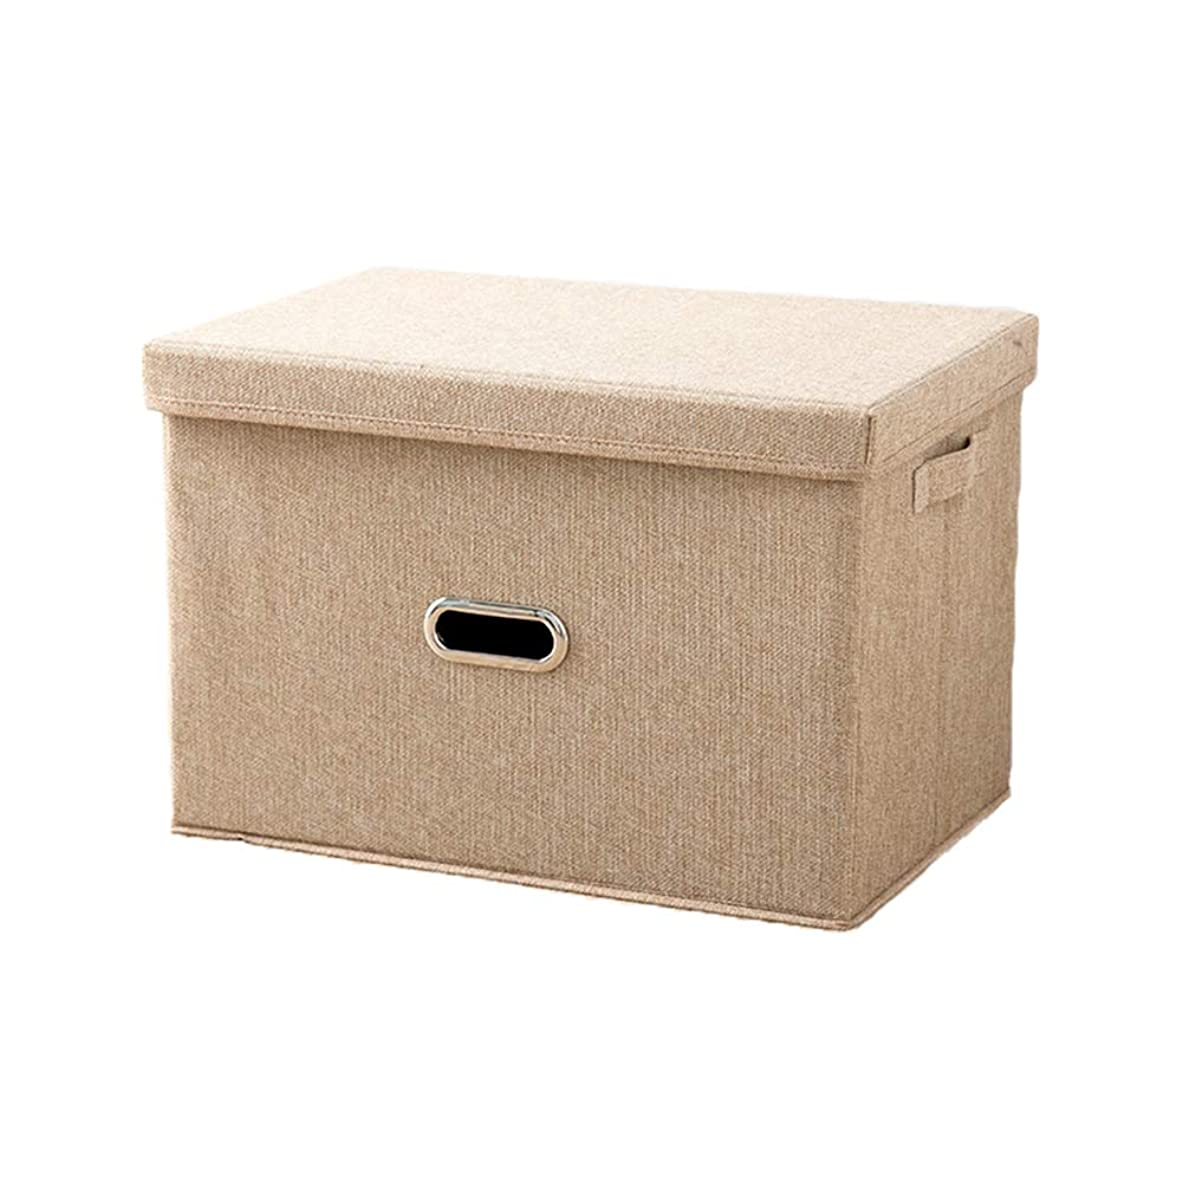 動機バーストアルファベットHappylifehere 収納ボックス 天然素材 ふた付き 大容量 折りたたみ 収納ケース 書類 衣類 玩具 ファイル ンナーボックス 整理用